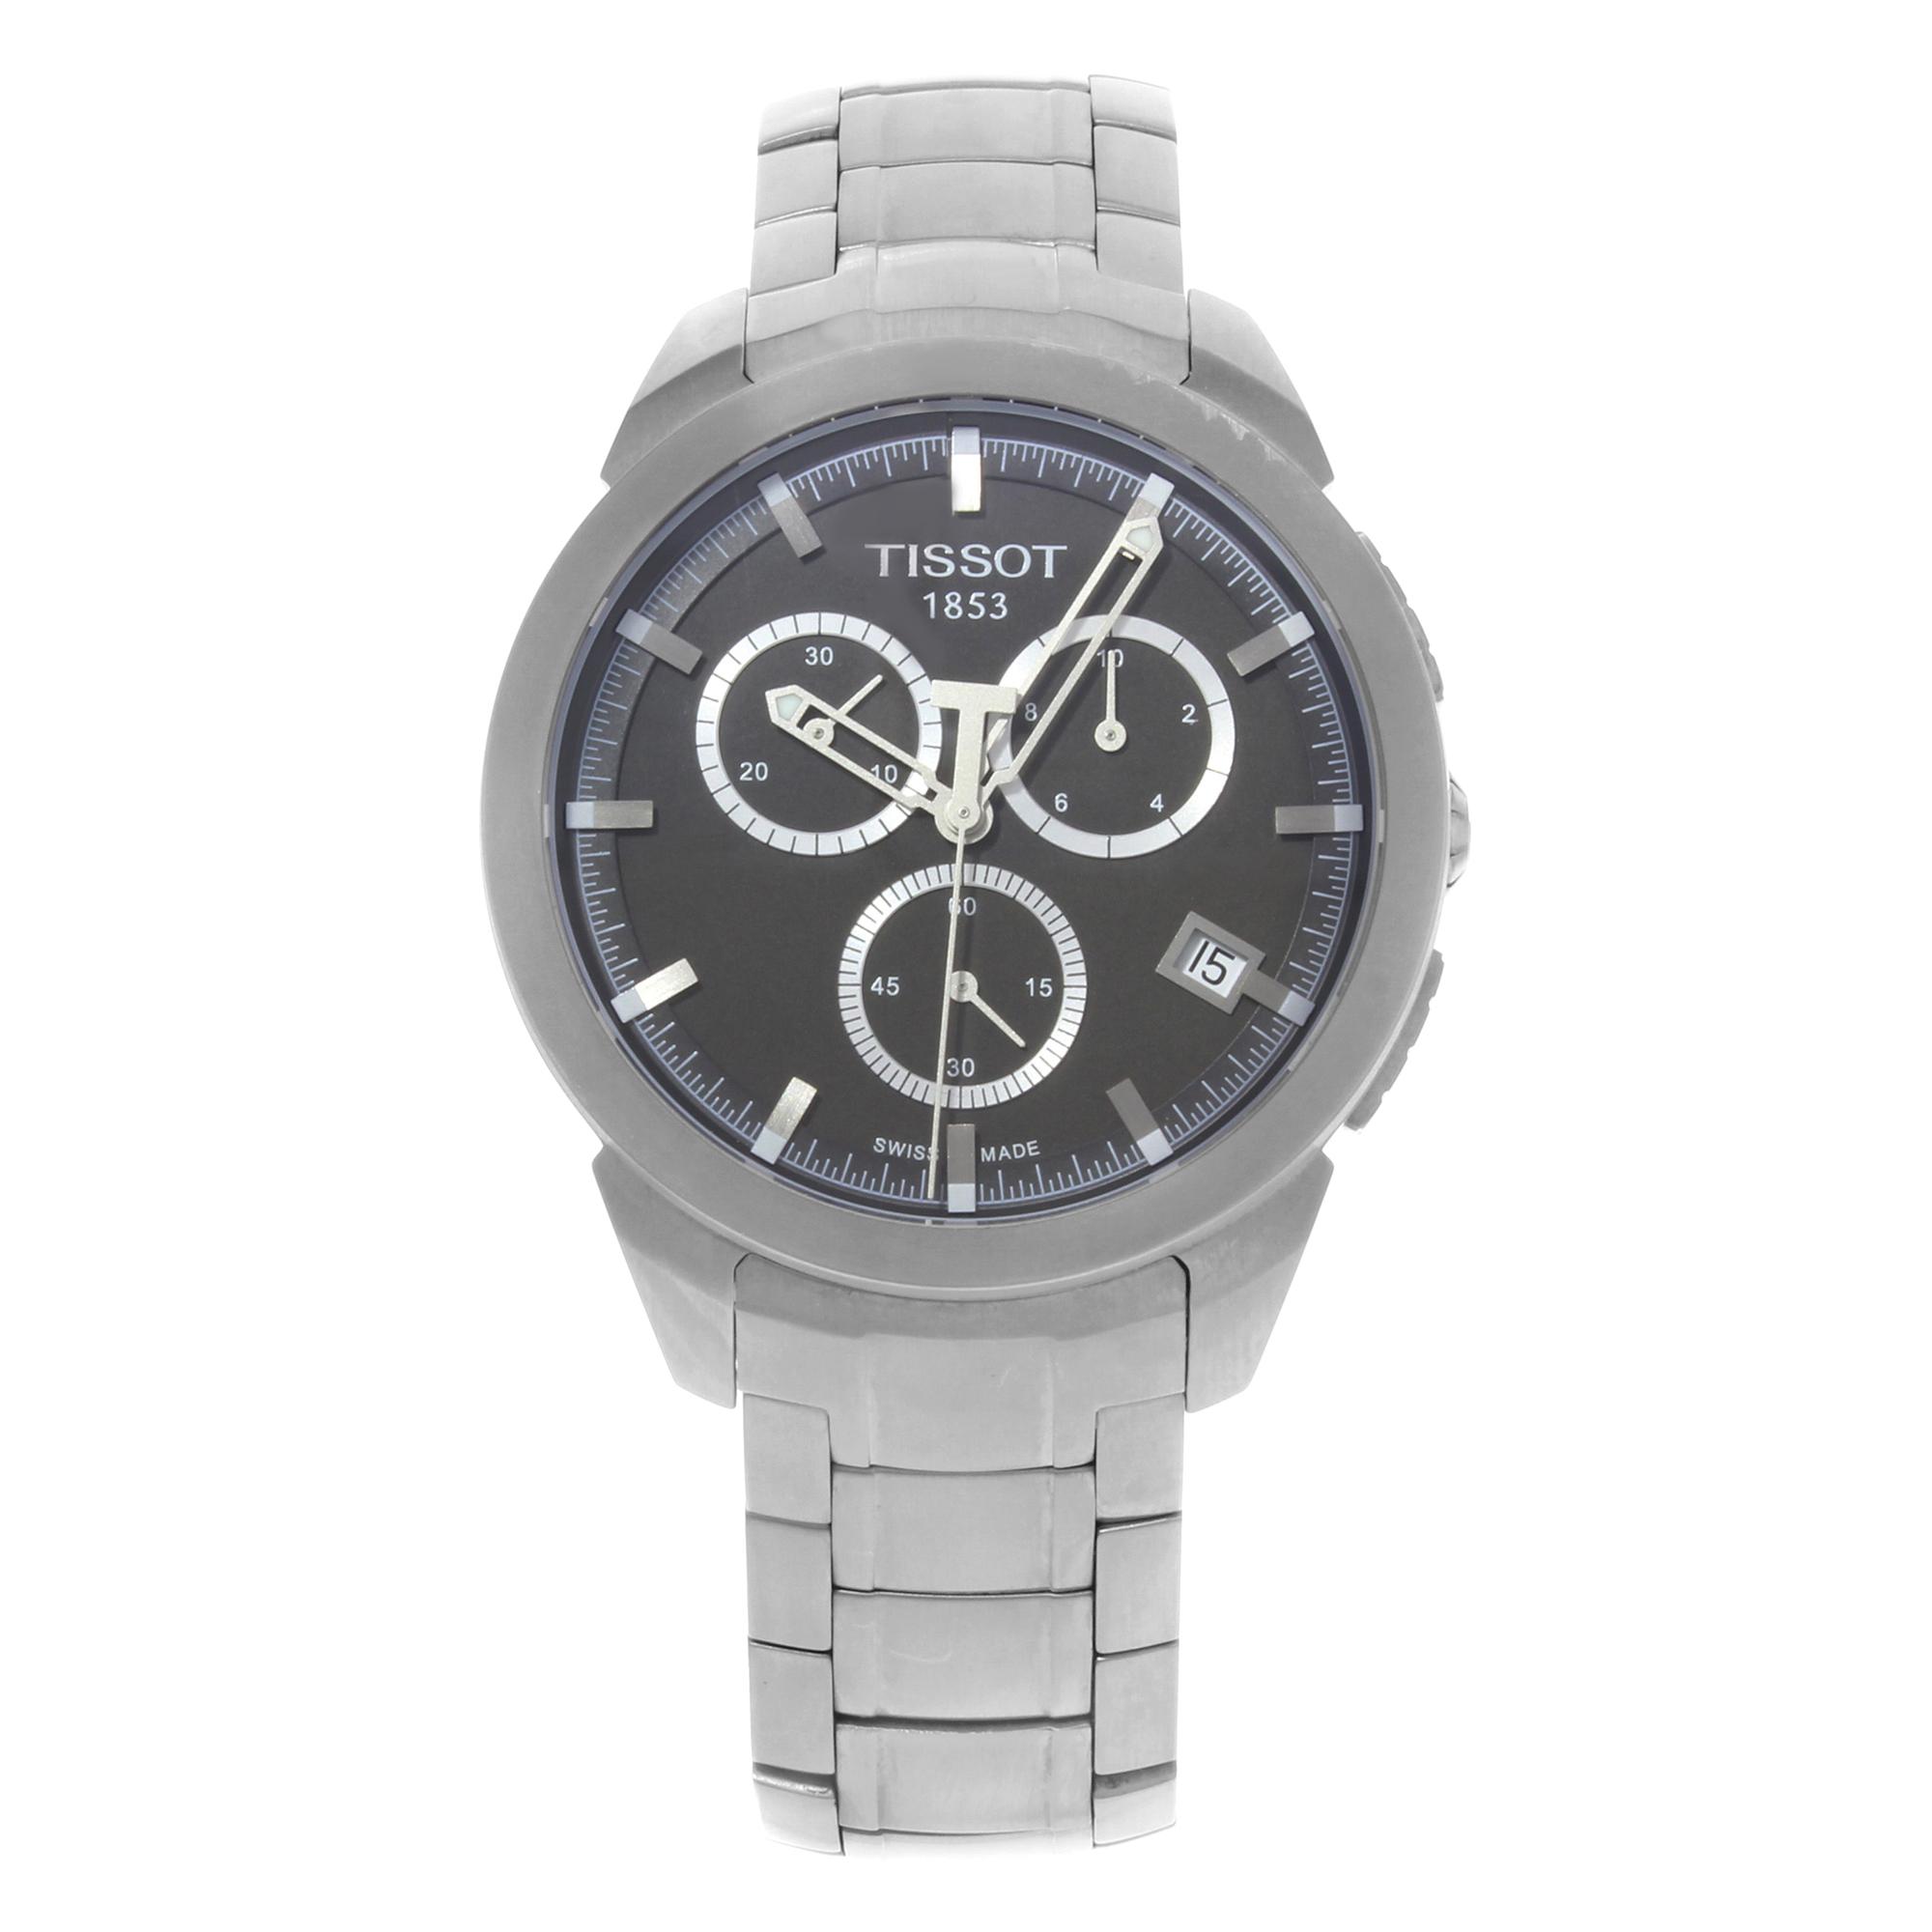 Tissot T069.417.44.061.00 Titanium Chronograph Quartz Men...